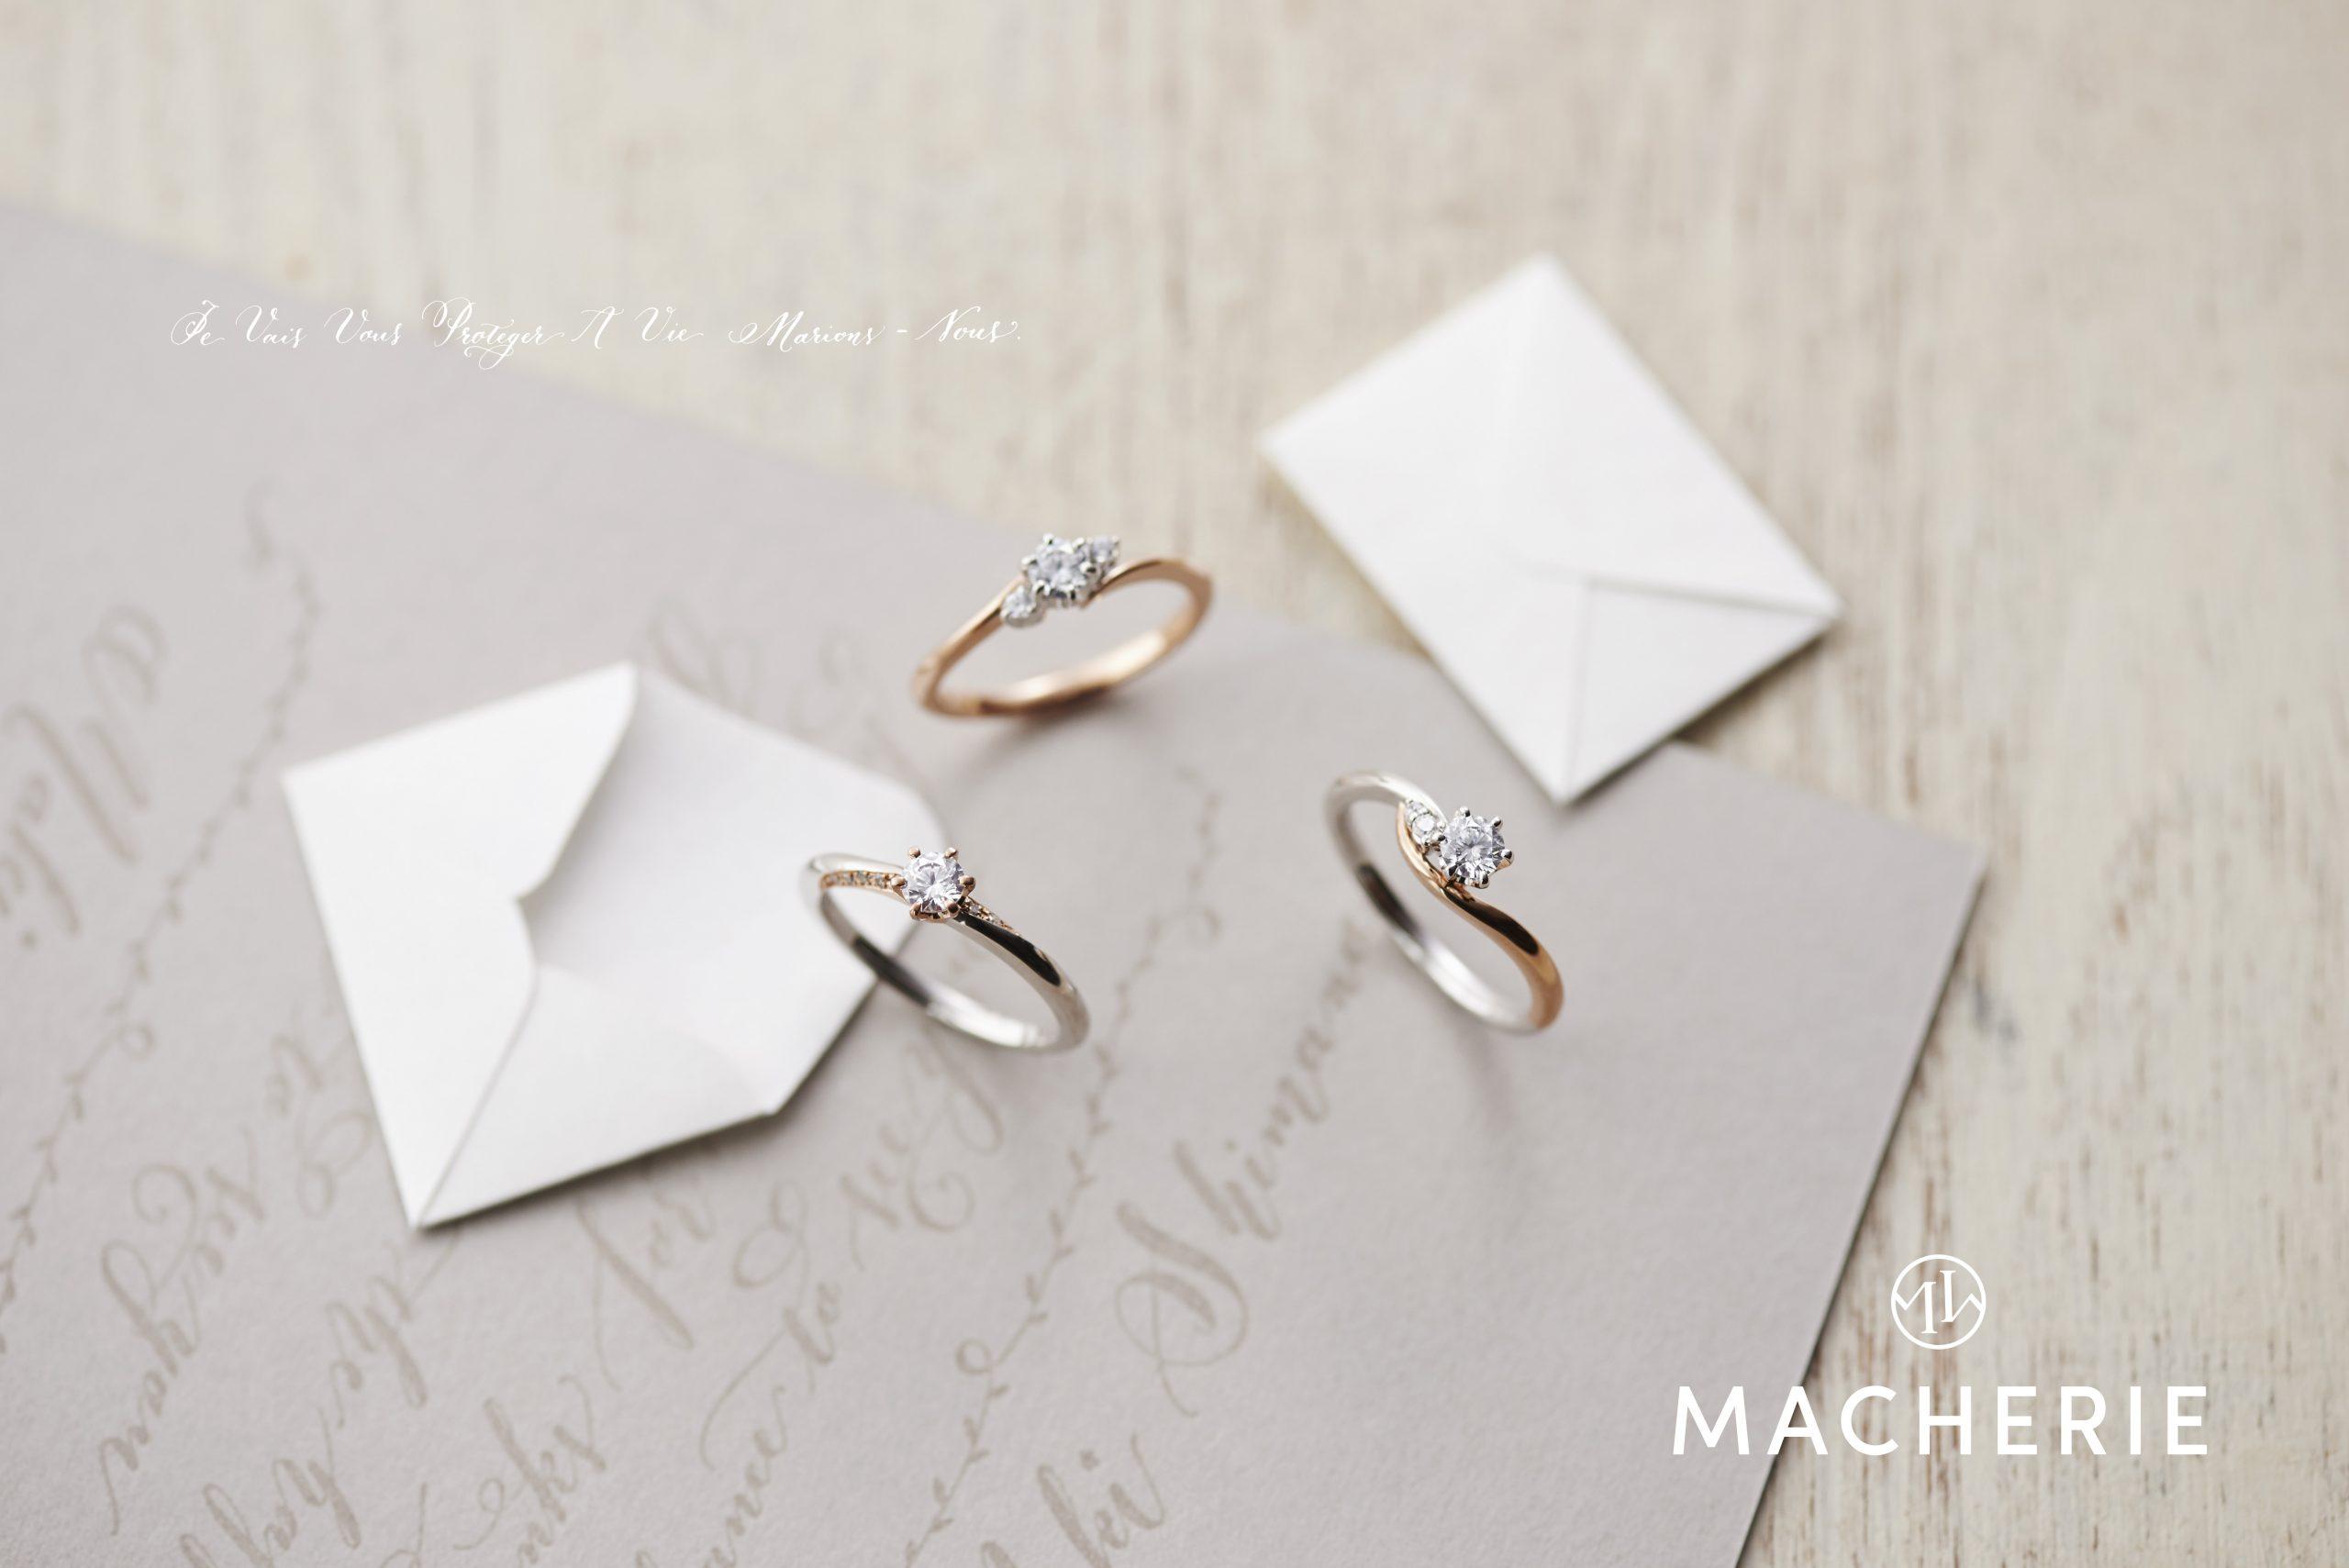 結婚指輪ブランド仙台